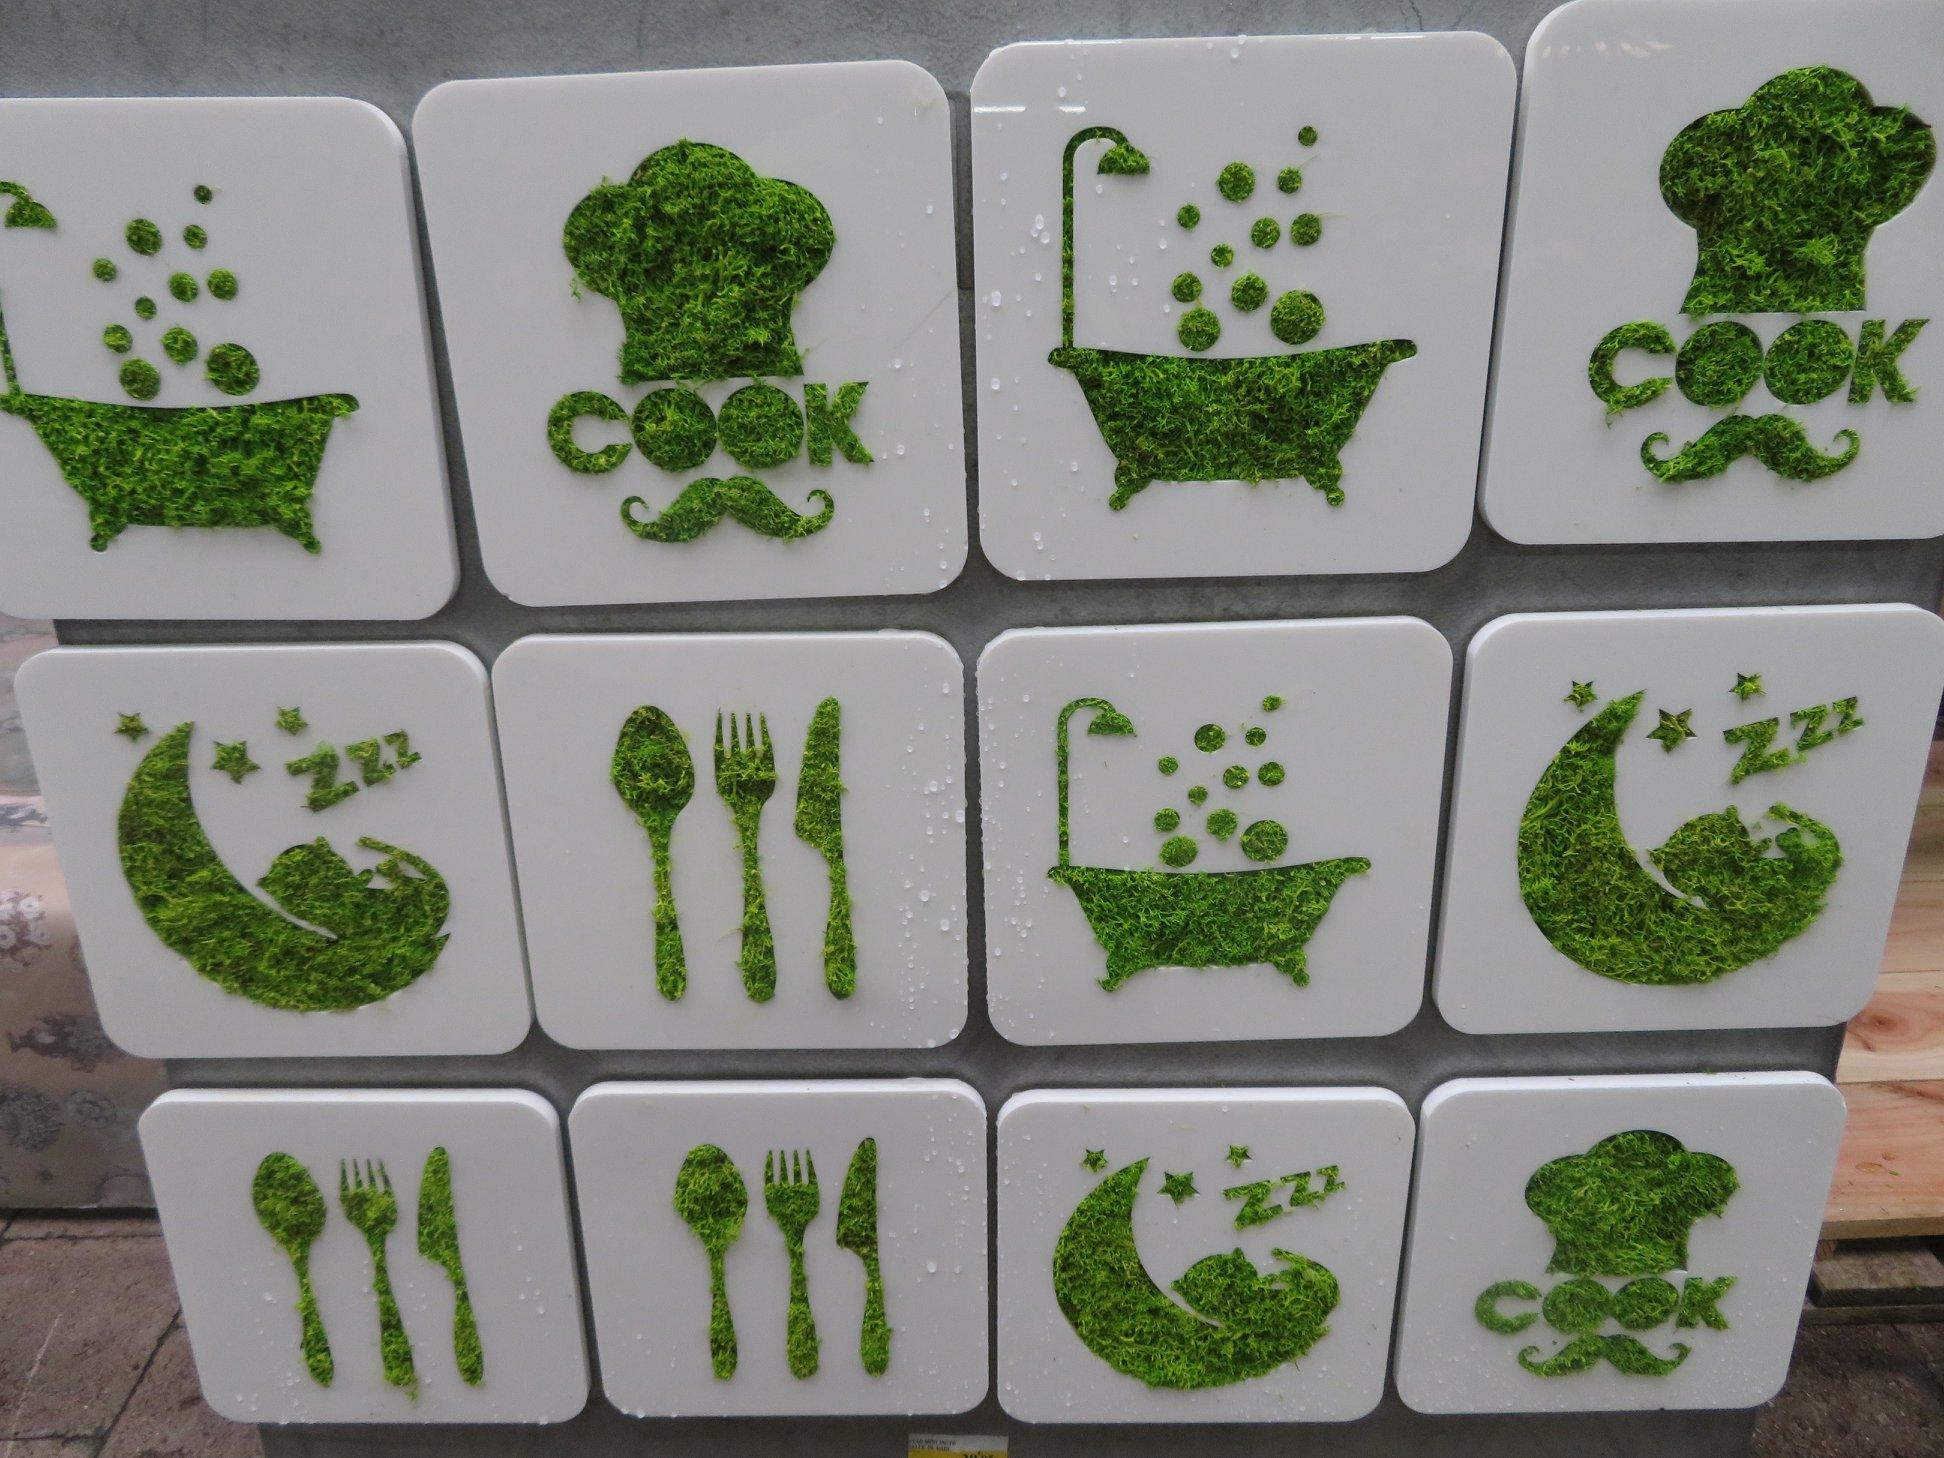 tableaux végétalisme, plante en bocal et art du kokedama